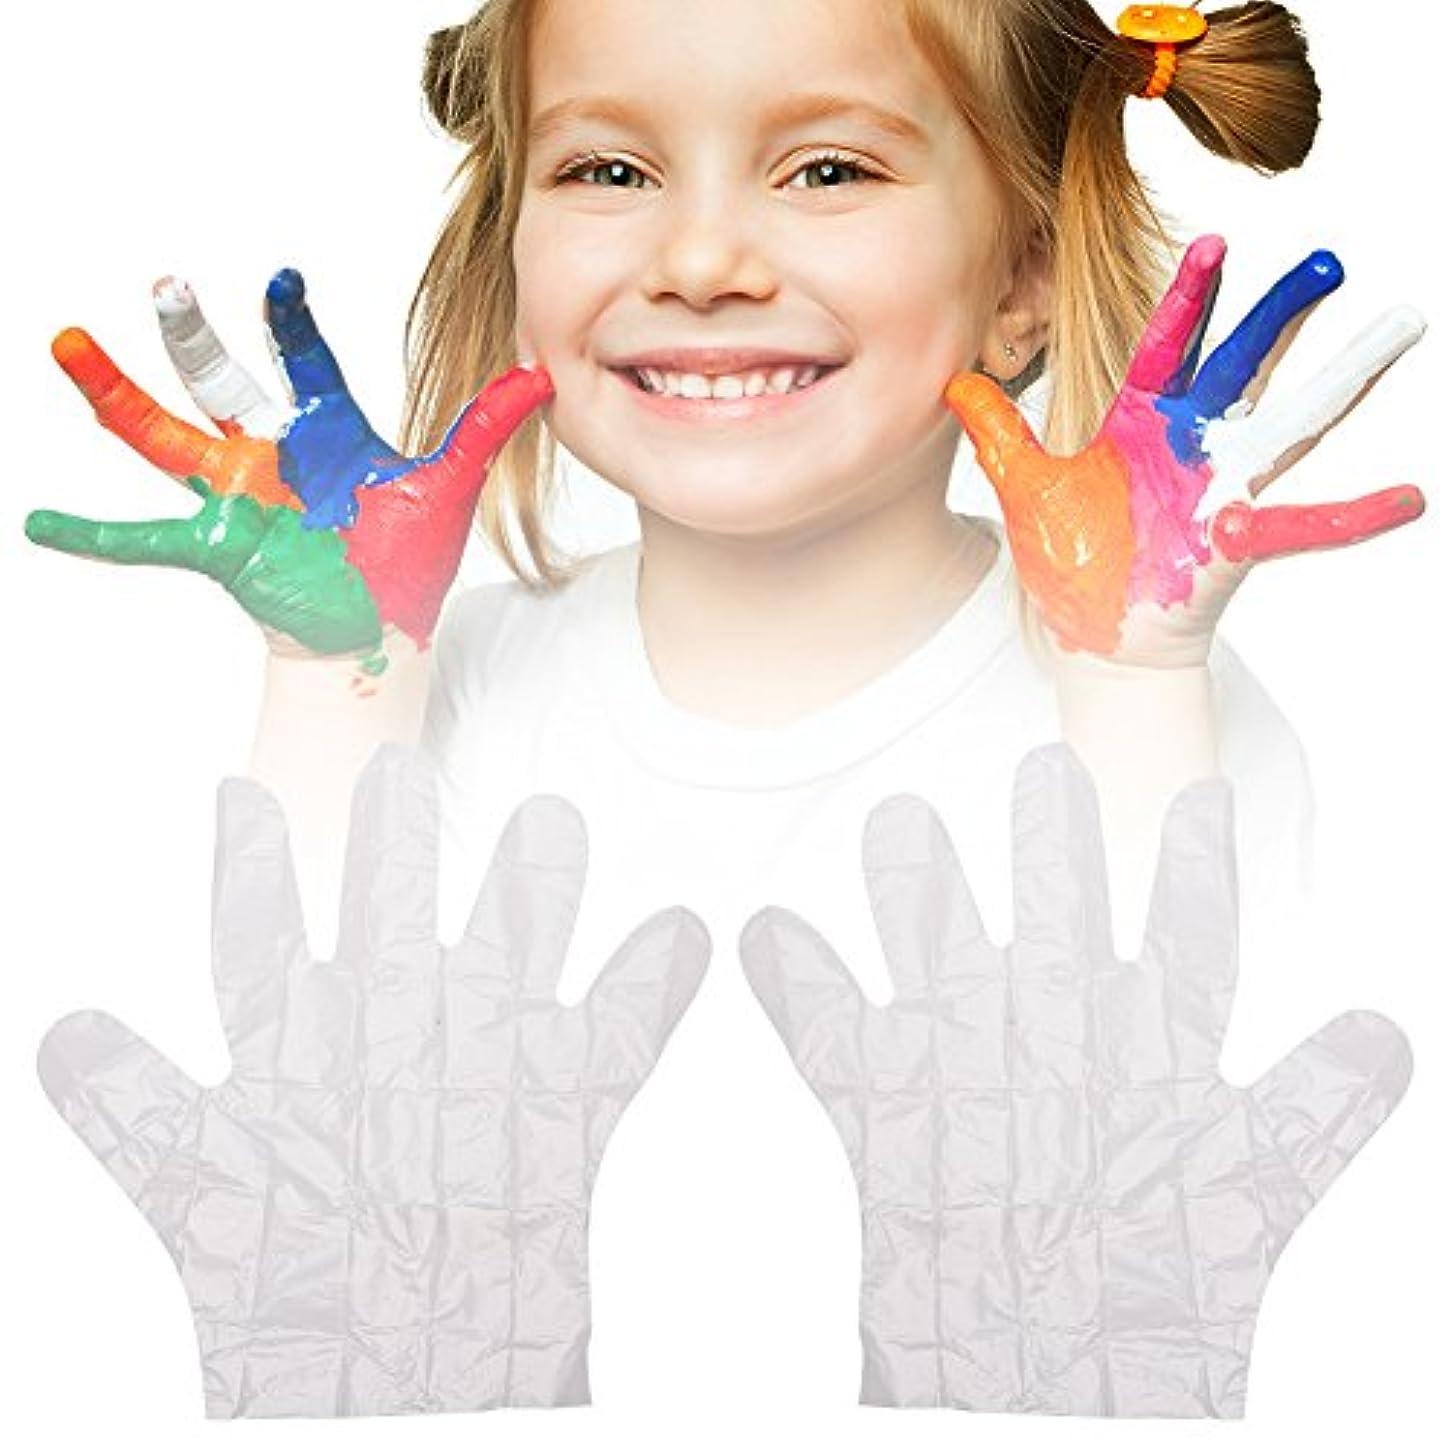 温度消防士密度卓仕朗 手袋使い捨て 子供用 使い捨て手袋 キッズ専用 食品 調理 キッチン用品 透明 手袋 200枚